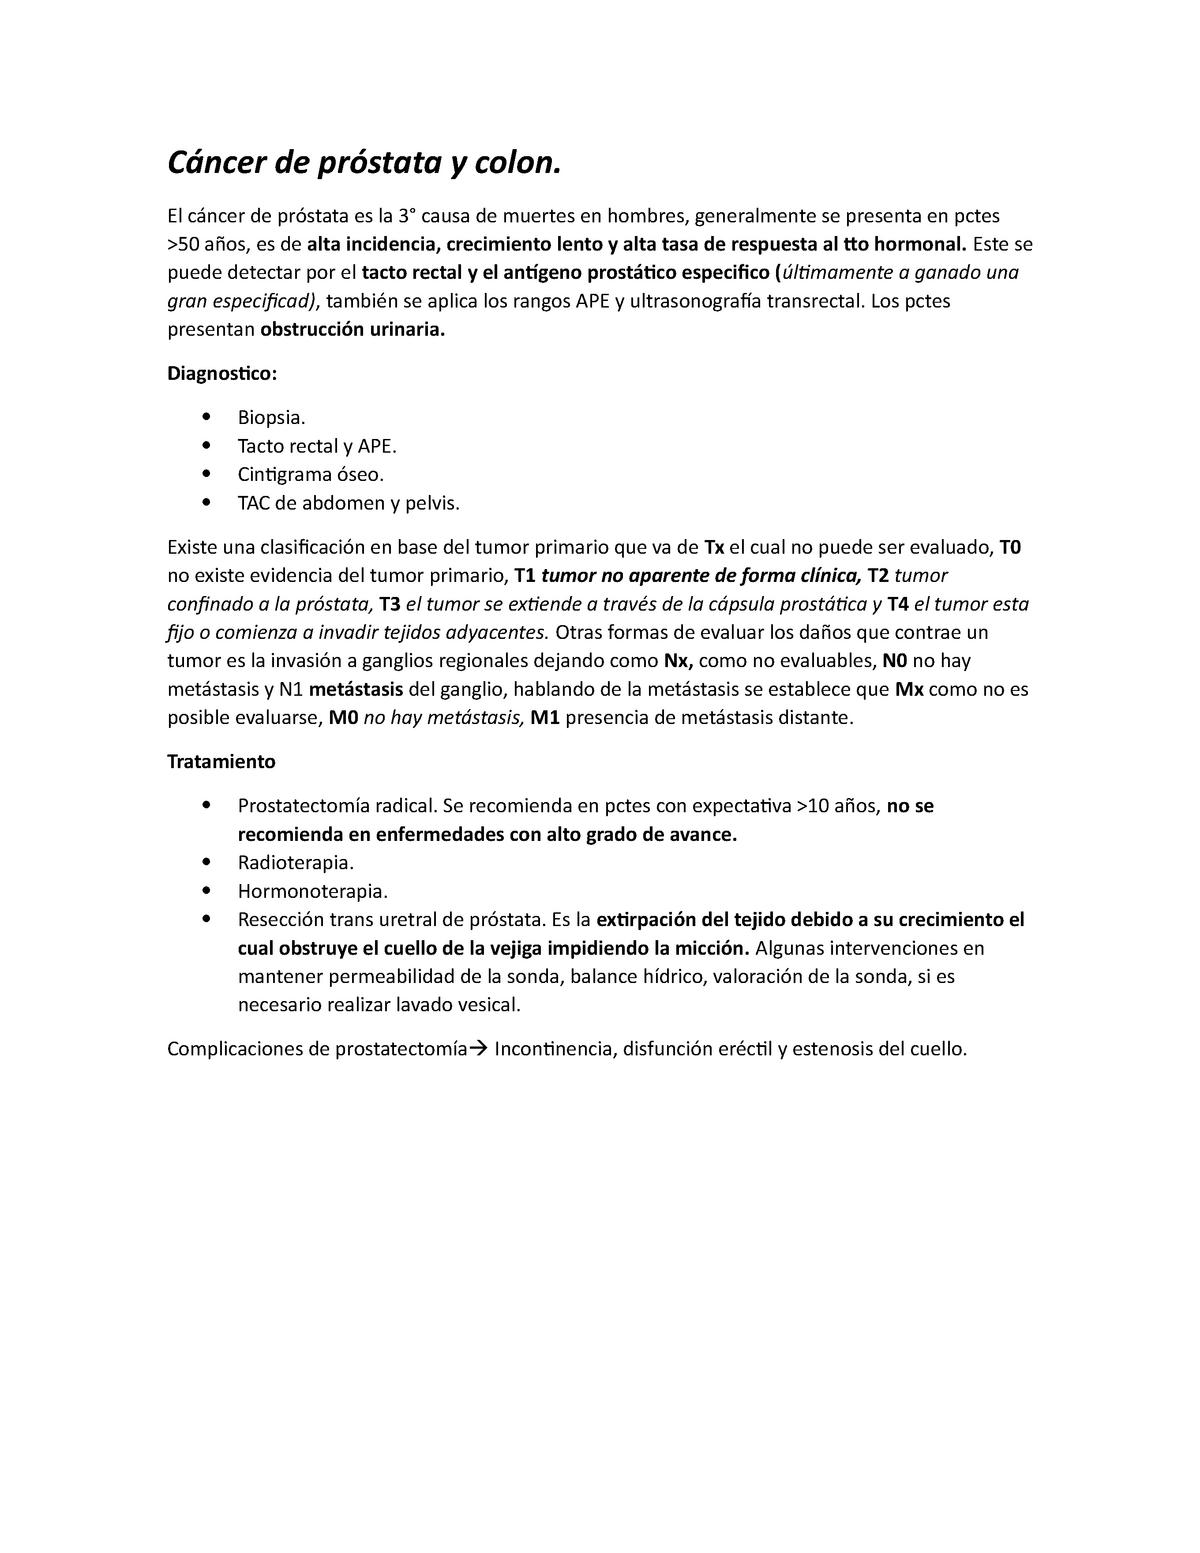 incontinencia intestinal por cáncer de próstata